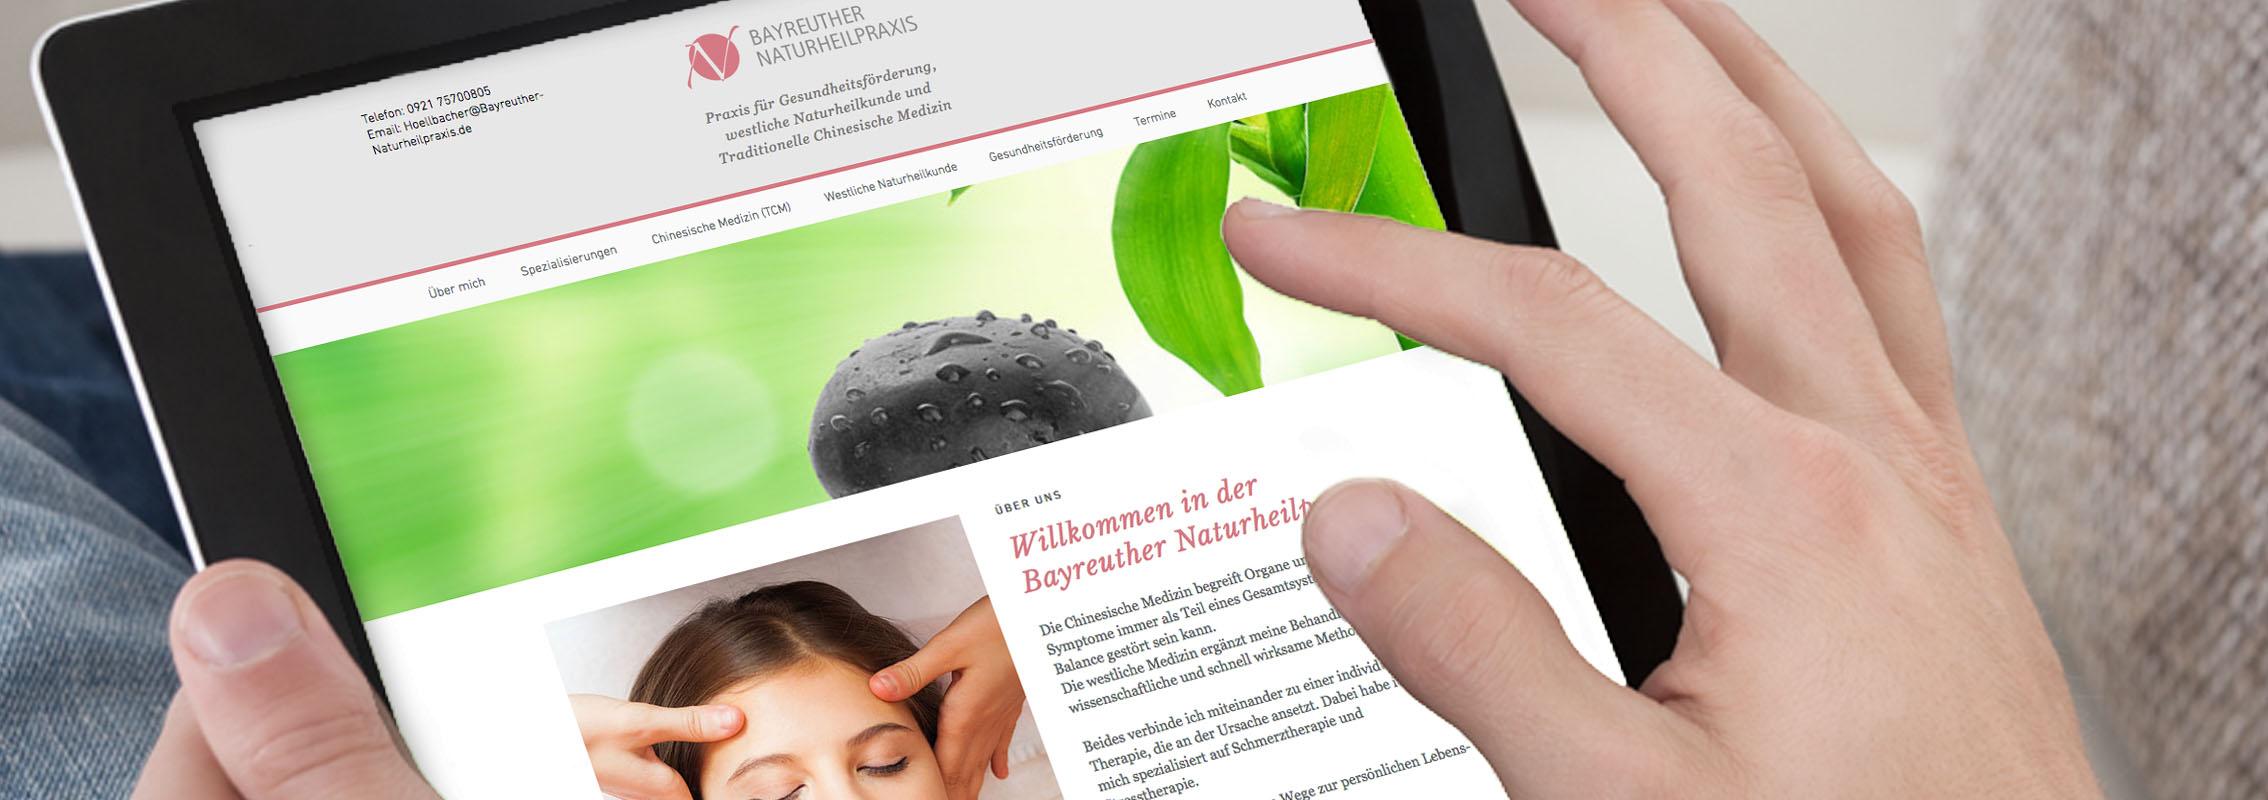 FROG KING ist die natürliche Wahl der Bayreuther Naturheilpraxis